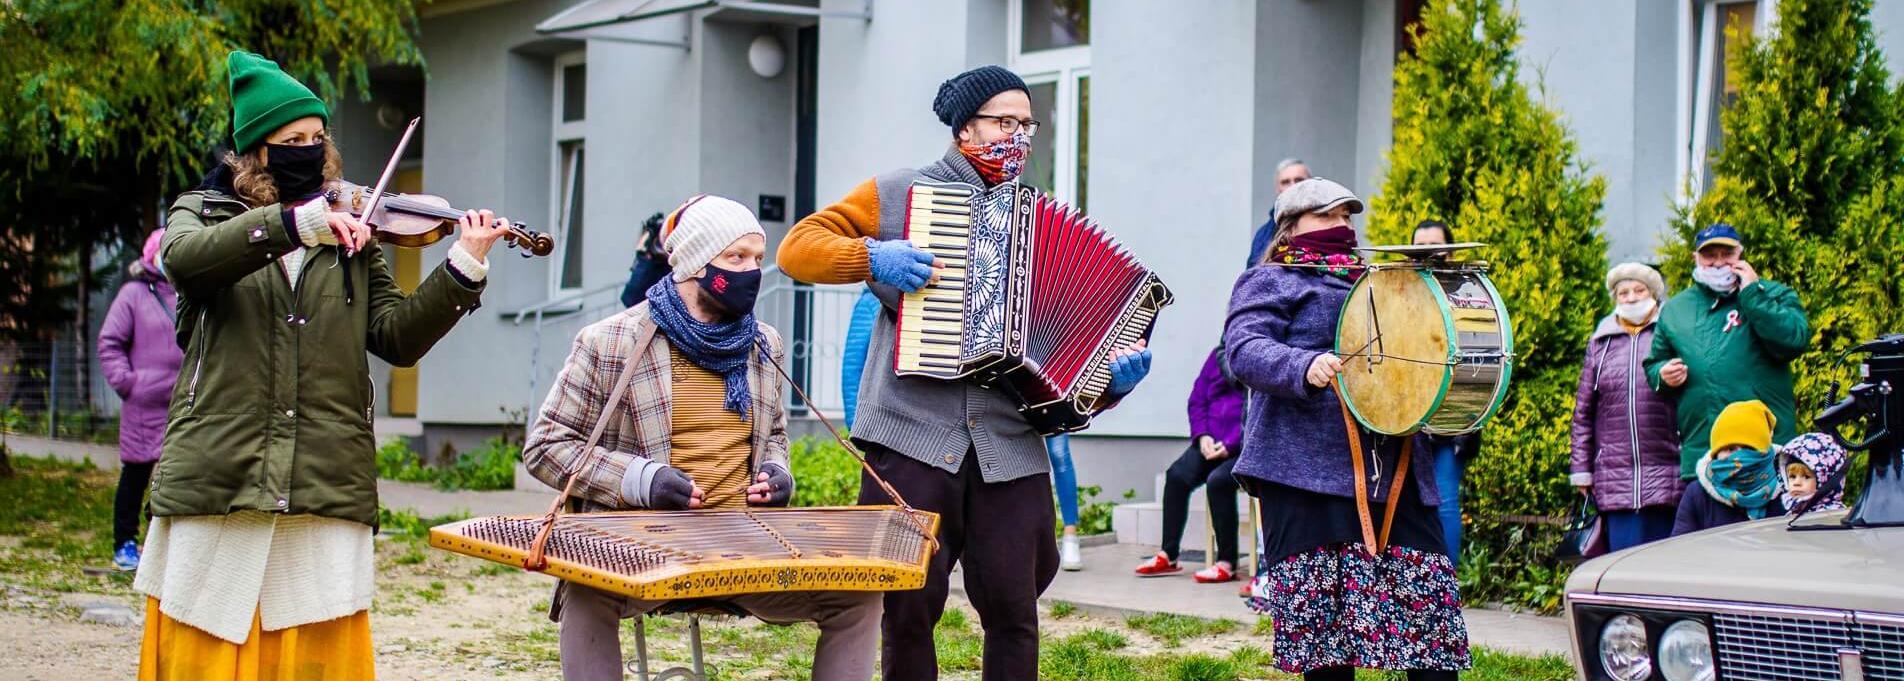 Muzykowanie pod balkonami z Kapelą Batareja - 11 listopada 2020 / fot. Sylwia Krassowska - Polskie Radio Białystok